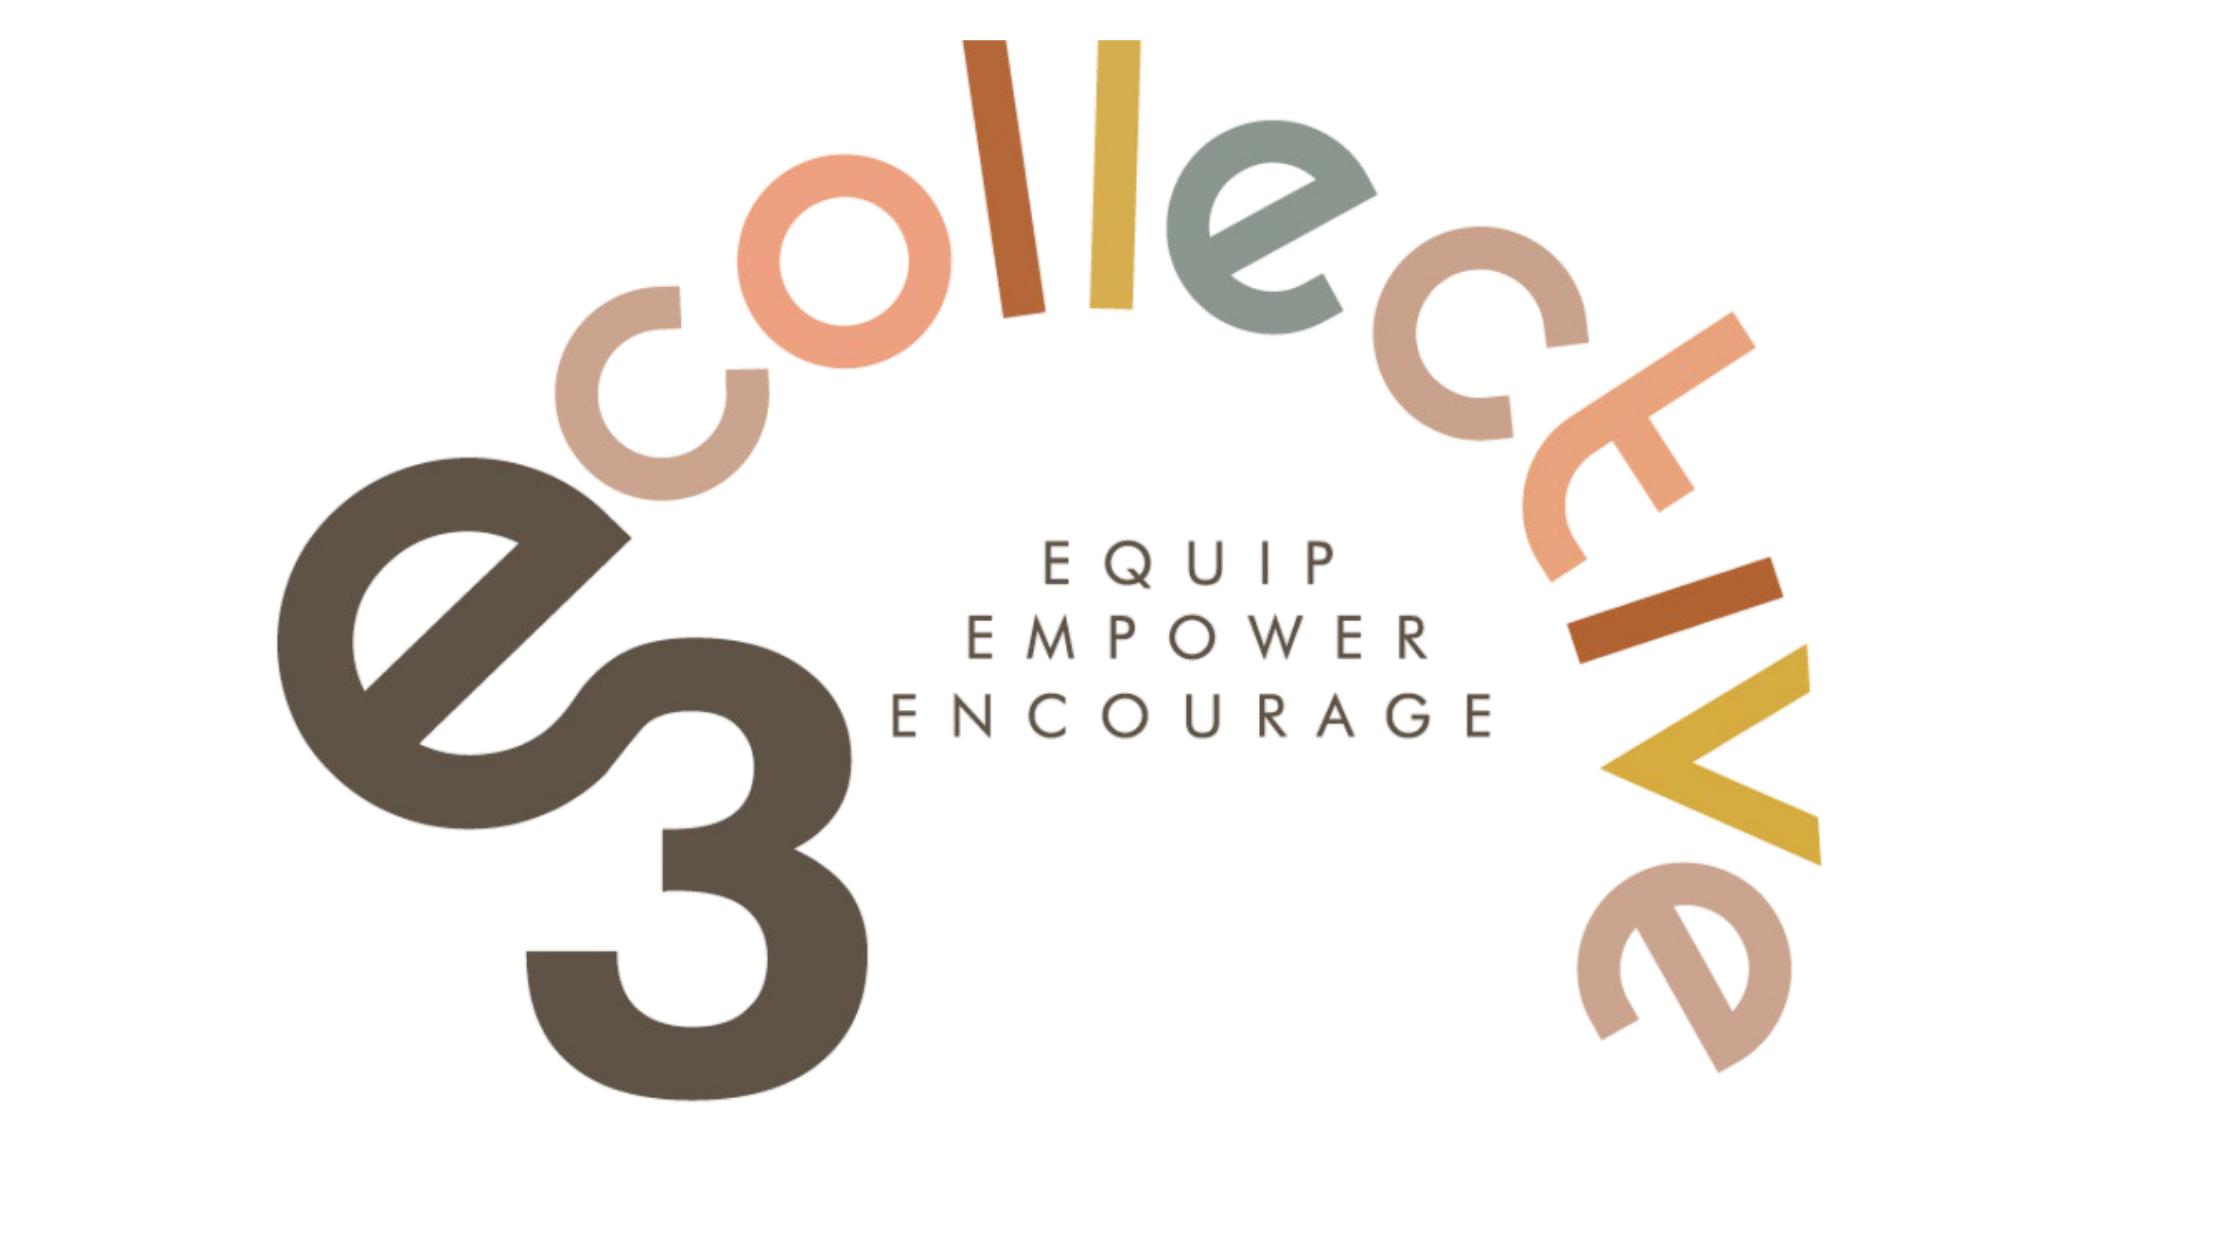 E3 Collective